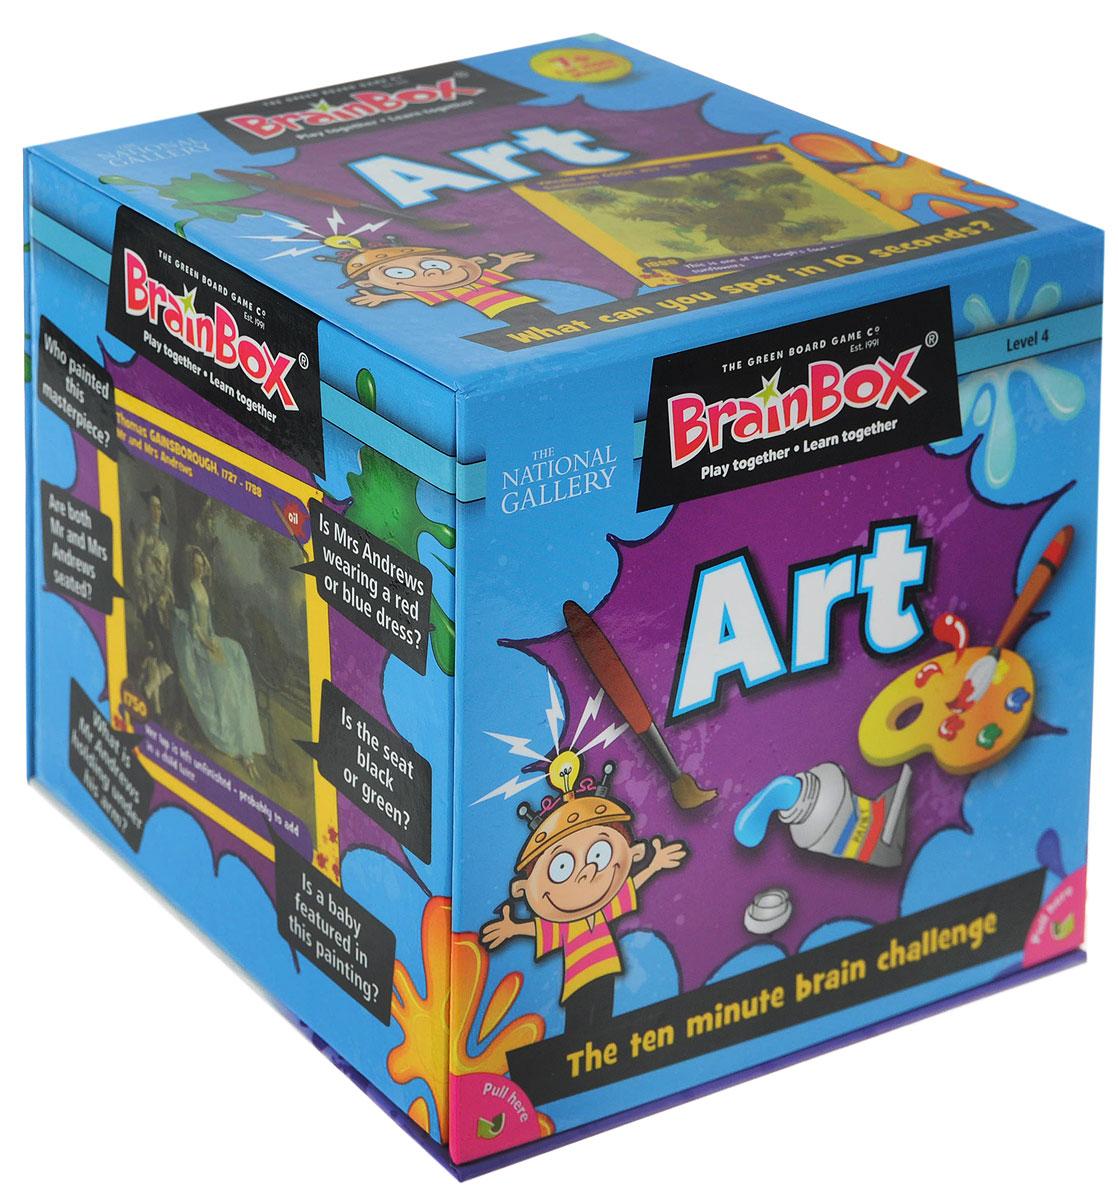 BrainBox Настольная игра Сундучок знаний Art90014Настольная игра BrainBox Сундучок Знаний. Art - английский вариант популярной во всем мире викторины Искусство. В увлекательном игровом процессе вы ознакомитесь с шедеврами мировой живописи, узнаете интересные факты о картинах и получите прекрасную языковую практику. Игра способствует развитию зрительной памяти и концентрации внимания. Цель игры: набрать наибольшее количество карточек в течение 10 минут. Как играть: Для одного игрока: Переверните песочные часы и изучите картинку в течение 10 секунд. Переверните карточку и бросьте кости. Ответьте на выпавший вам вопрос. Если вы правильно ответили на вопрос, оставьте карточку себе. Если вы ошиблись, верните карточку в коробку. Посчитайте, сколько карточек у вас набралось через 5 или 10 минут. Помните! Все ответы на вопросы размещены на картинке, поэтому смотрите внимательно! Для двух и более игроков: Если вы младший из игроков, достаньте карточку из коробки. Переверните песочные часы и в течение 10 секунд...